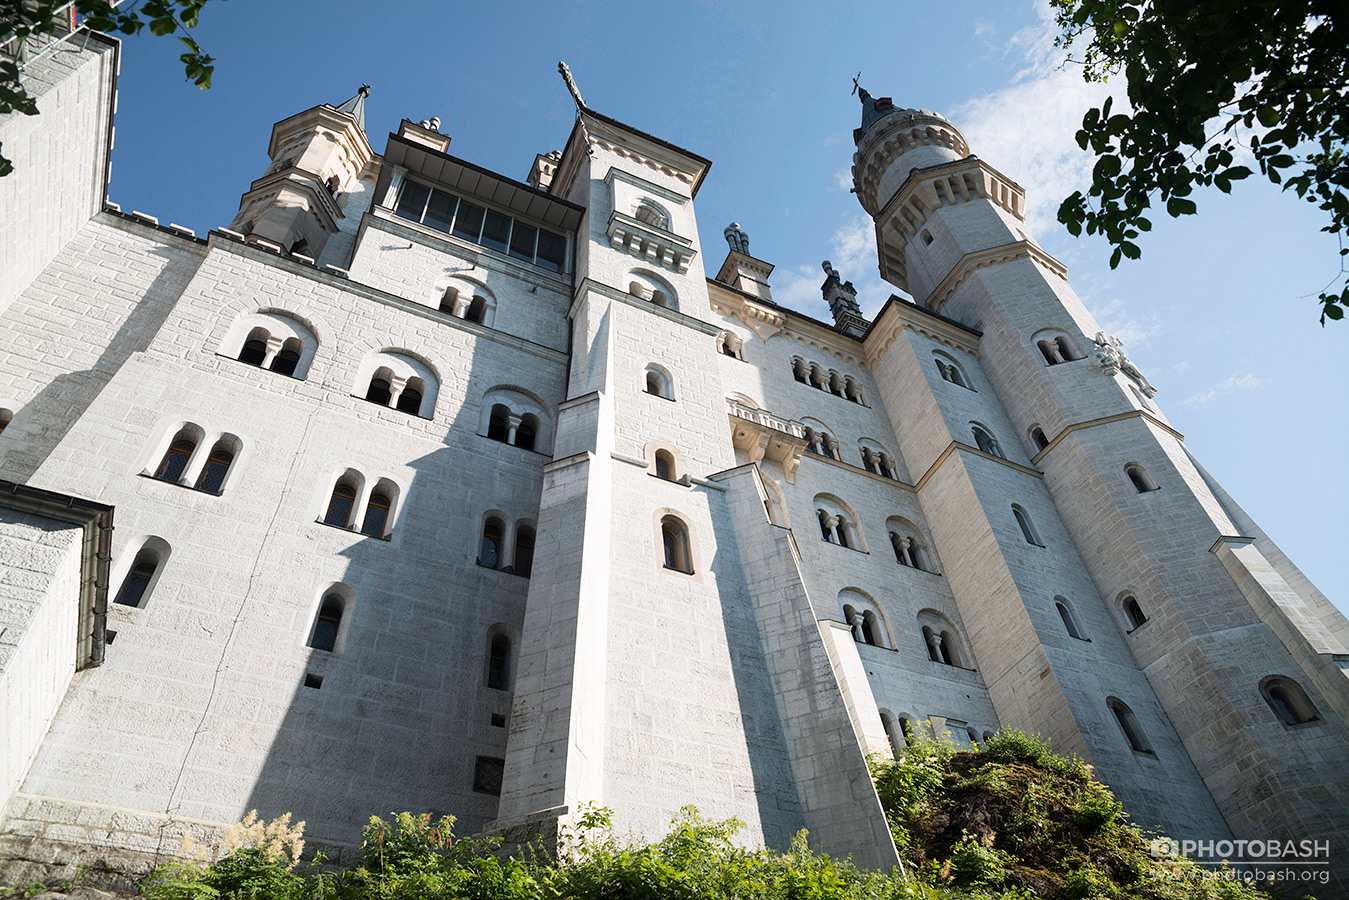 Neuschwanstein-Castle-Fantasy-Architecture.jpg